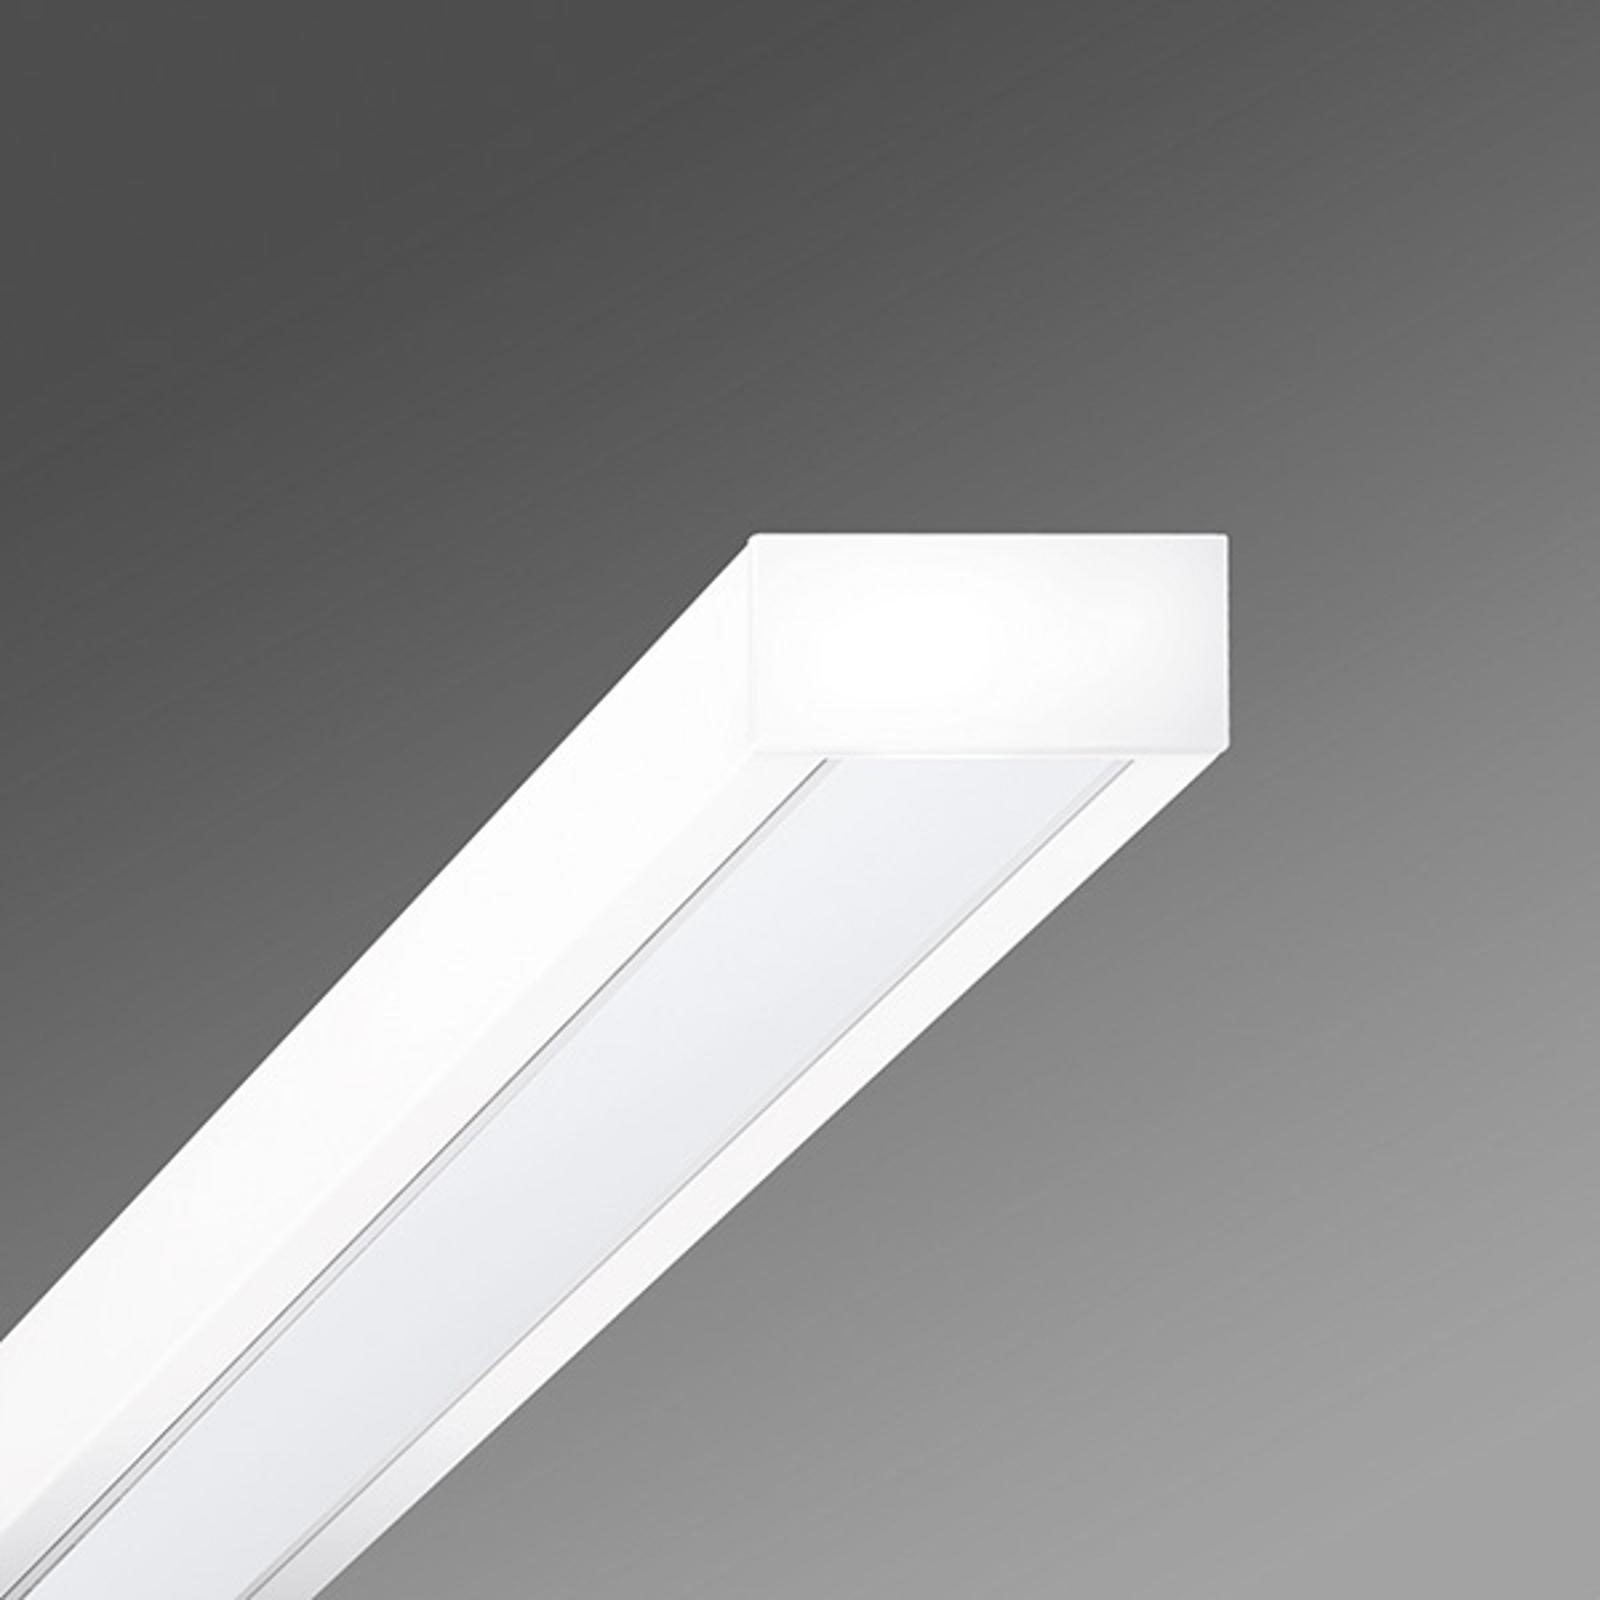 LED-taklampe med cubus-RSAGC-1200 2553lm spreder